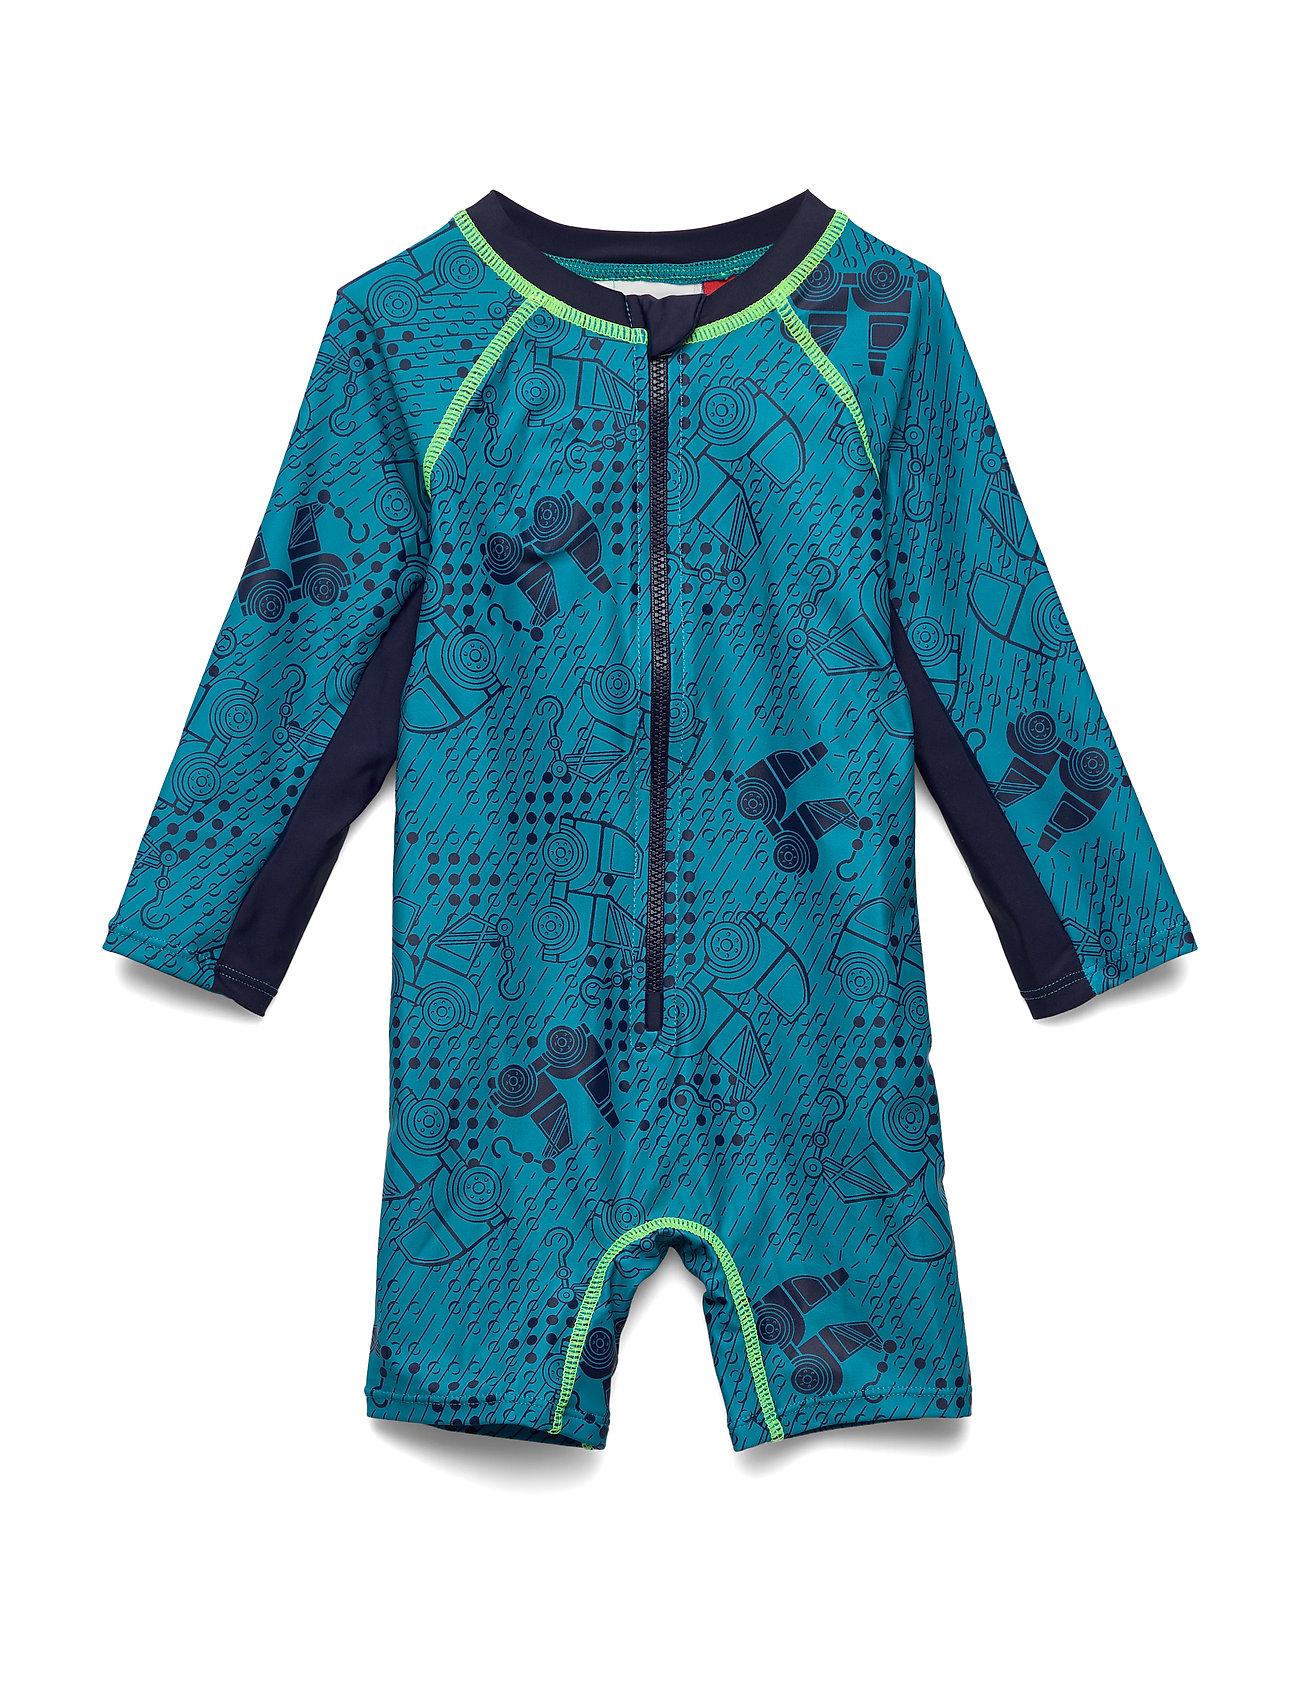 Image of Lwalbert 351 - Sun Wear Swimwear UV Clothing UV Suits Blå Lego Wear (3362440075)